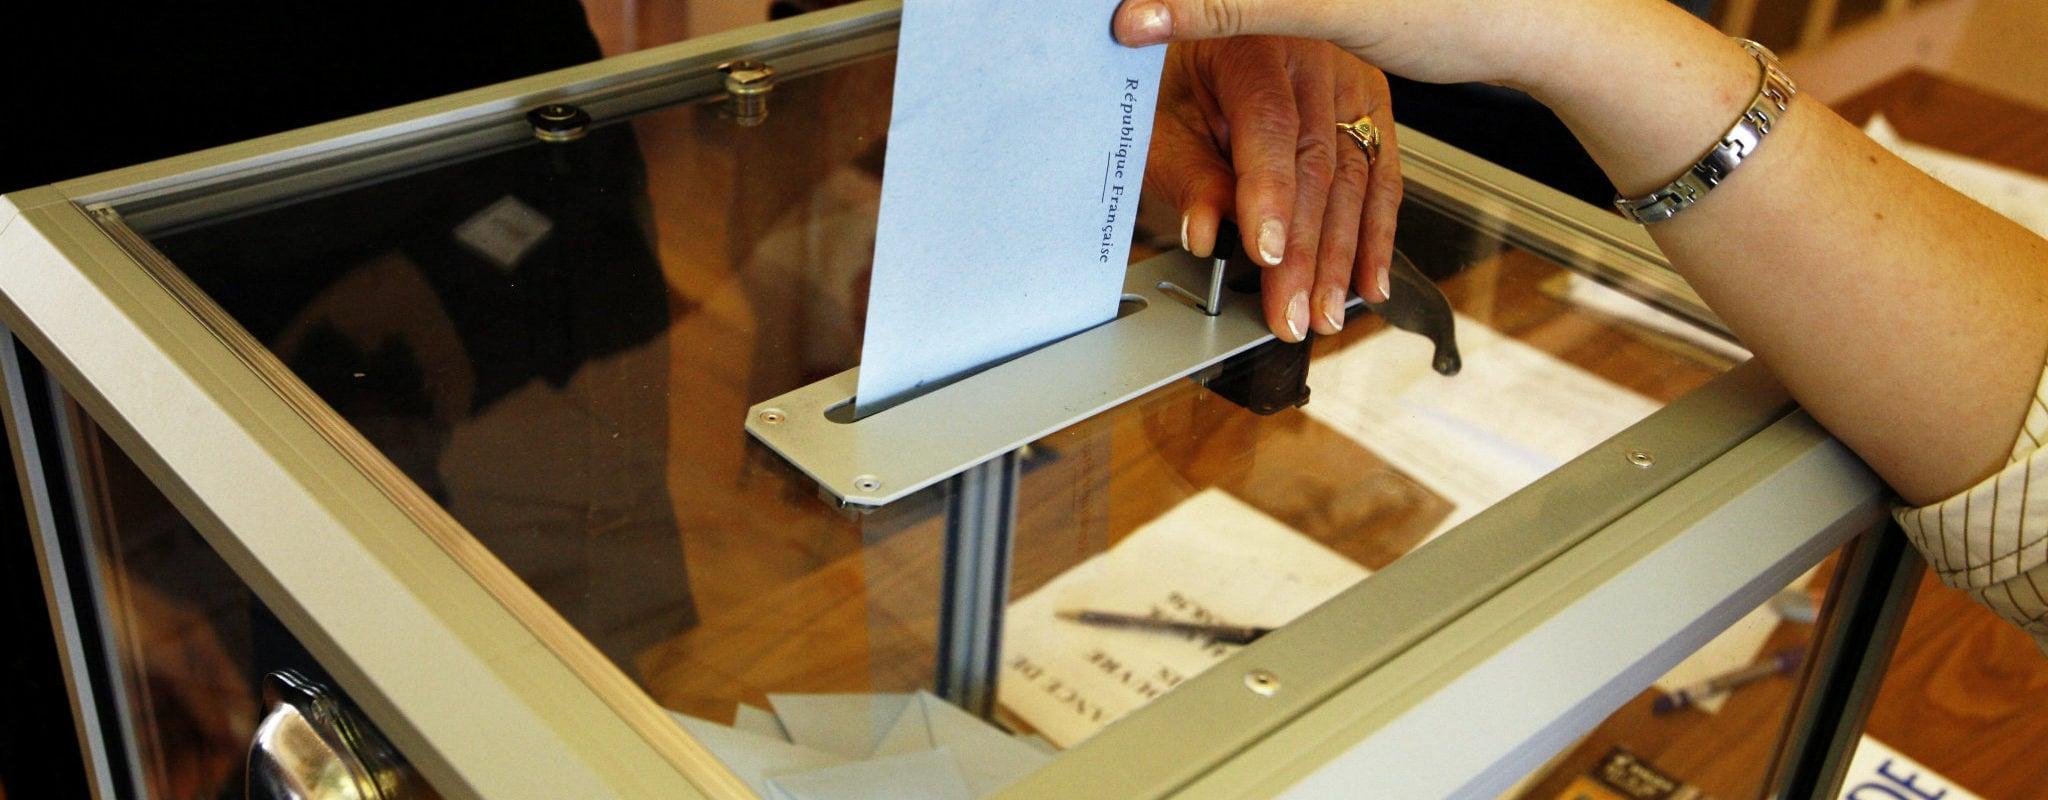 Pourquoi tout le monde se fout des élections syndicales dans les TPE